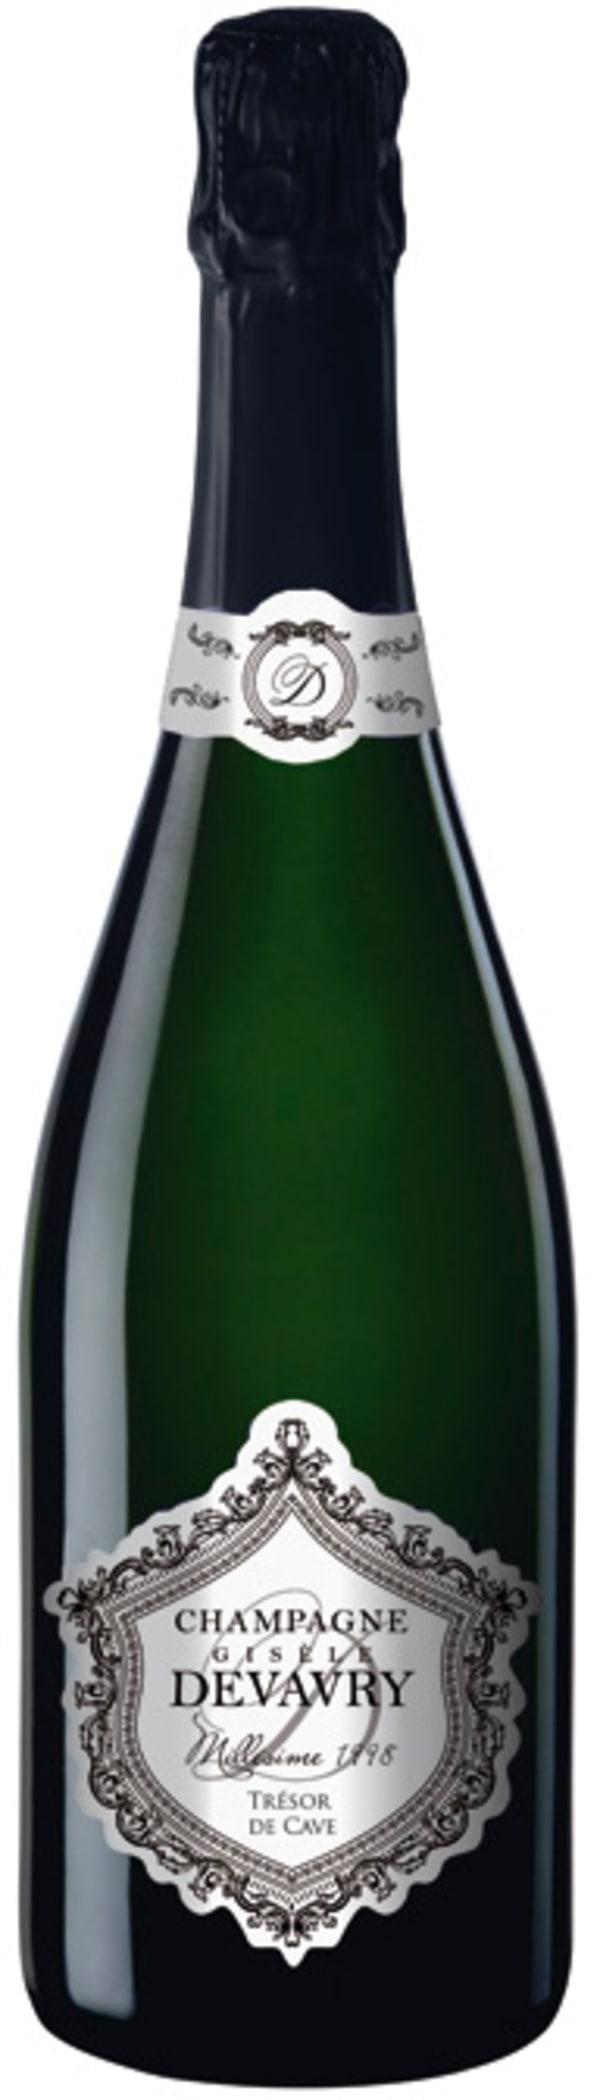 Gisèle Devavry Millésime Trésor de Cave Champagne Brut 1998